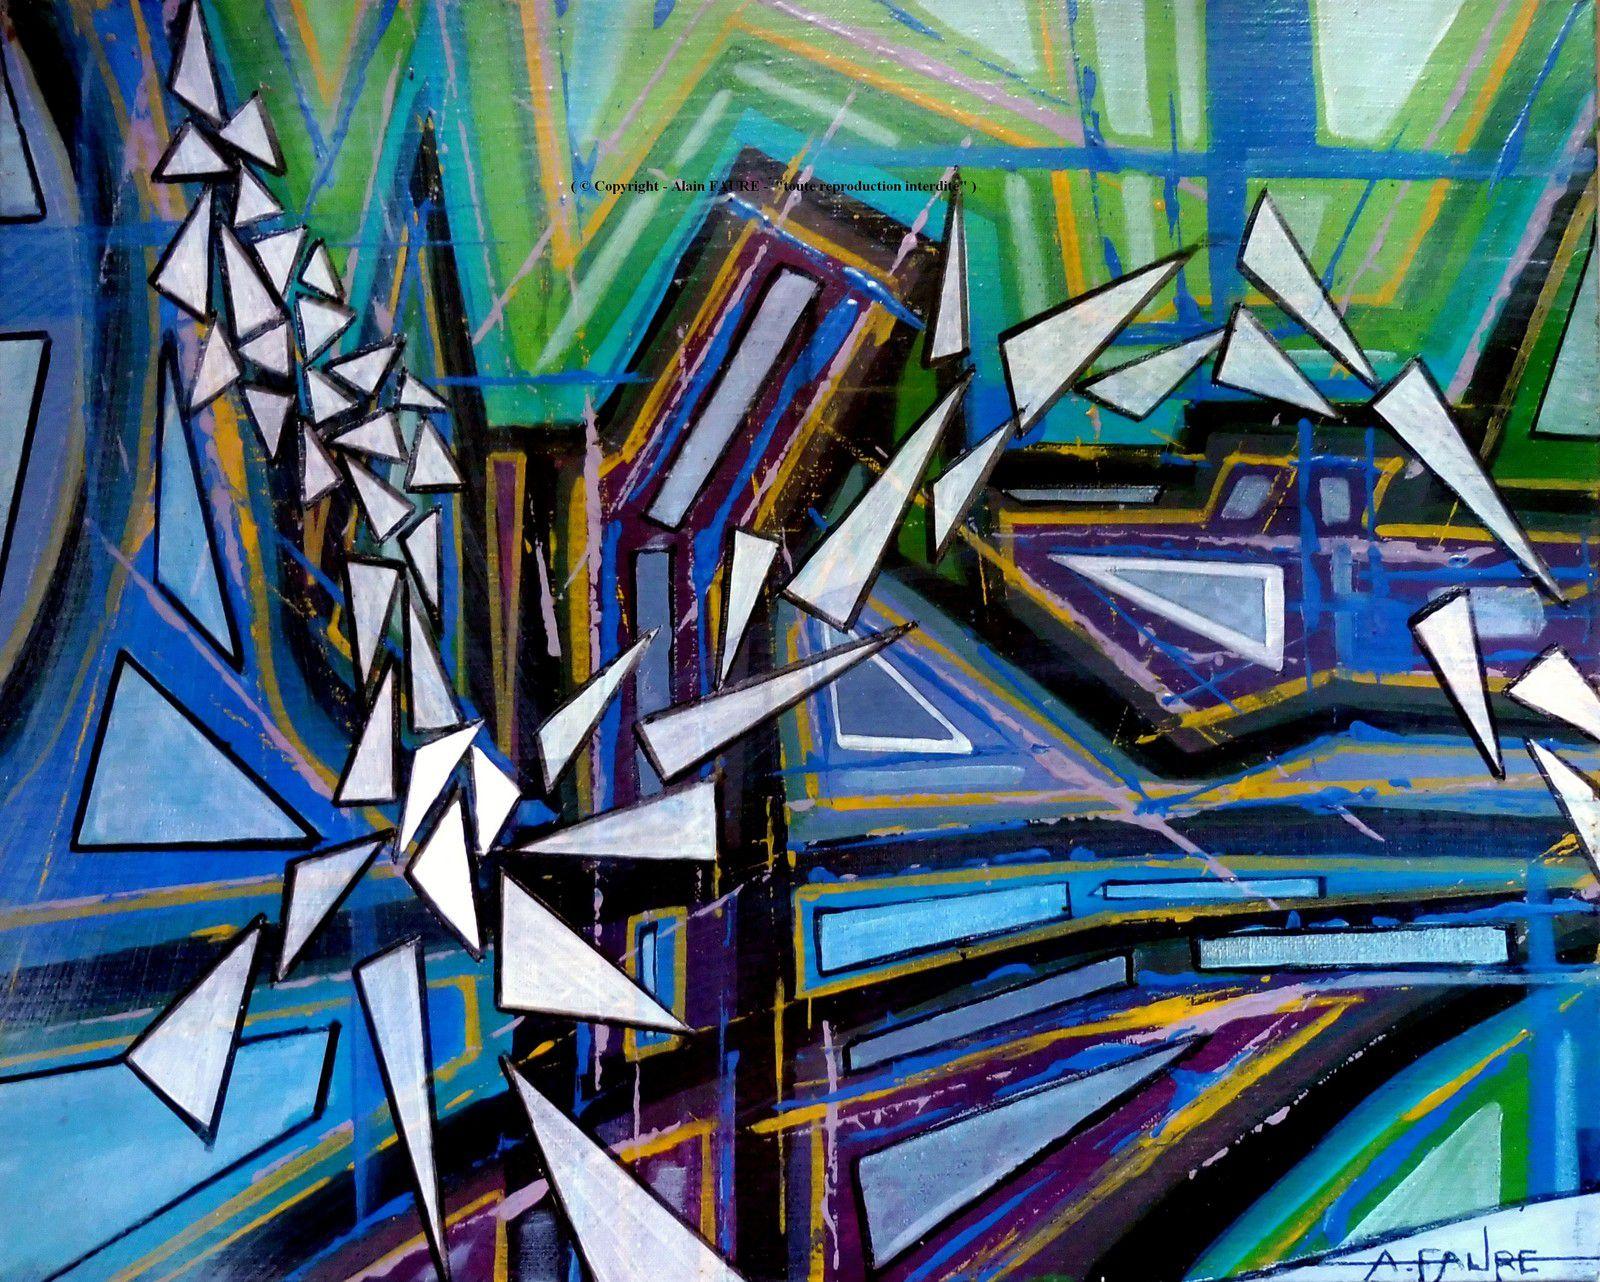 VOL LIBRE - Peinture Acrylique sur Toile: 41 x 33 cm ..........300 € - Multipliant les disciplines grâce aux progrès technologiques en tous genres, le vol libre est devenu très prisé des nouveaux chevaliers du ciel. Ainsi, planeurs, deltaplanes, parapentes ou cages de pilotage sont des pratiques encadrées par une fédération (FFVL) qui gère également le cerf-volant ou le boomerang…mais aussi d'autres activités plus périlleuses comme le Speed Riding (sport associant la voile et le ski).